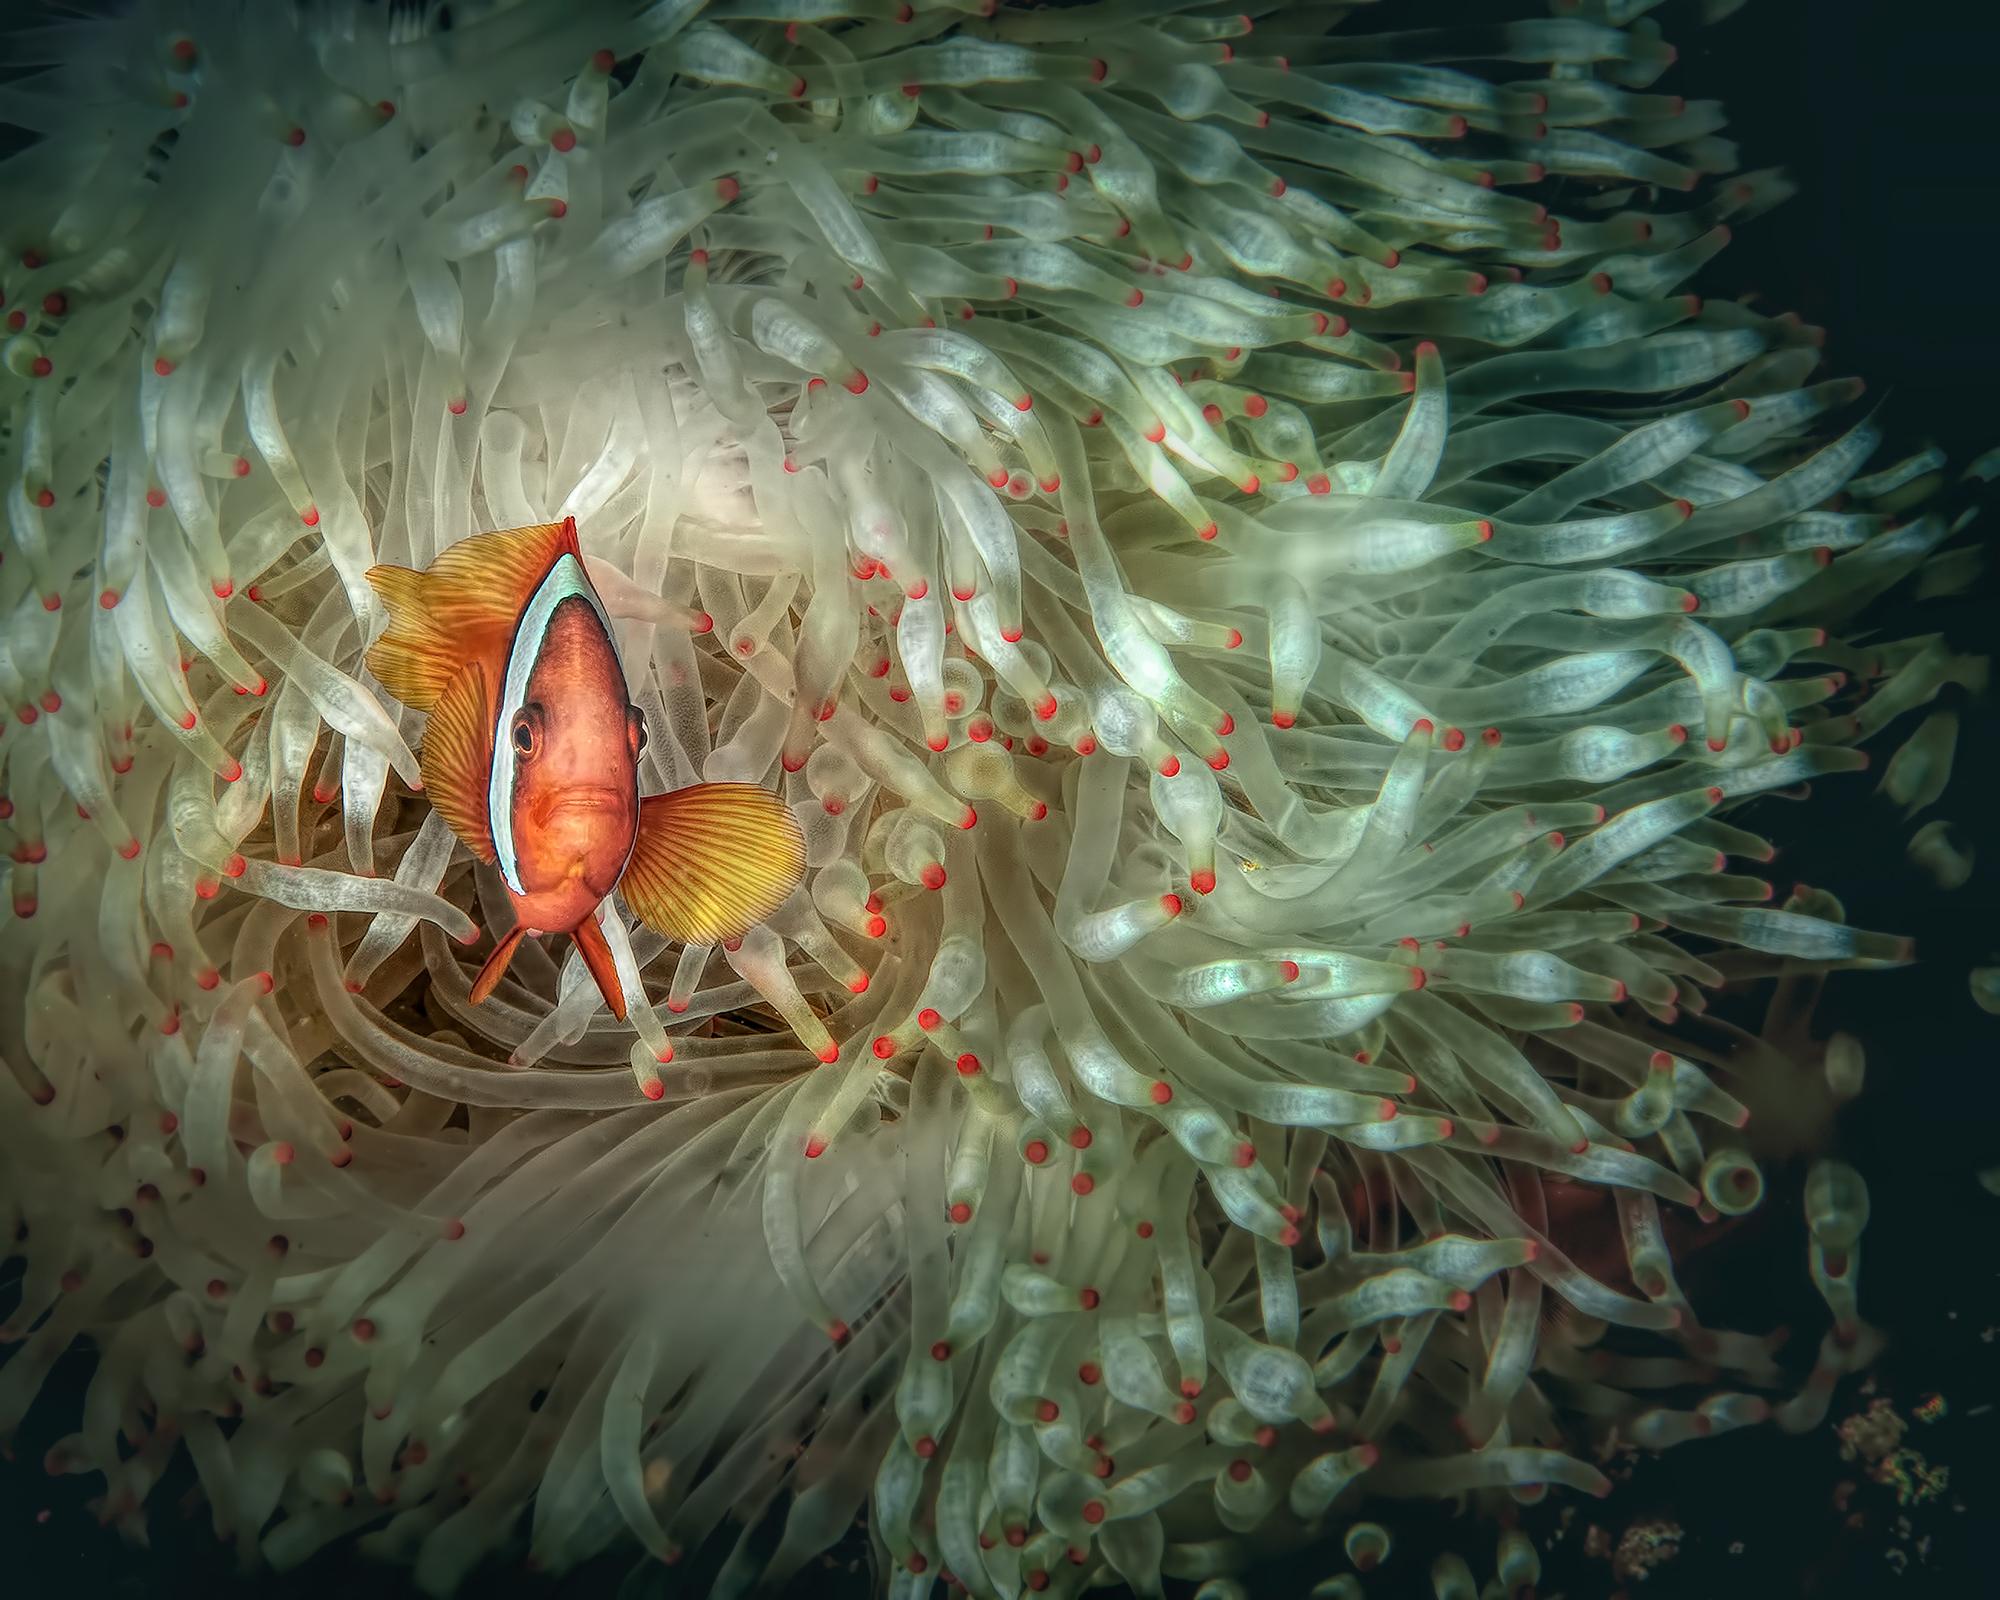 Clownfish & White Anemone ...